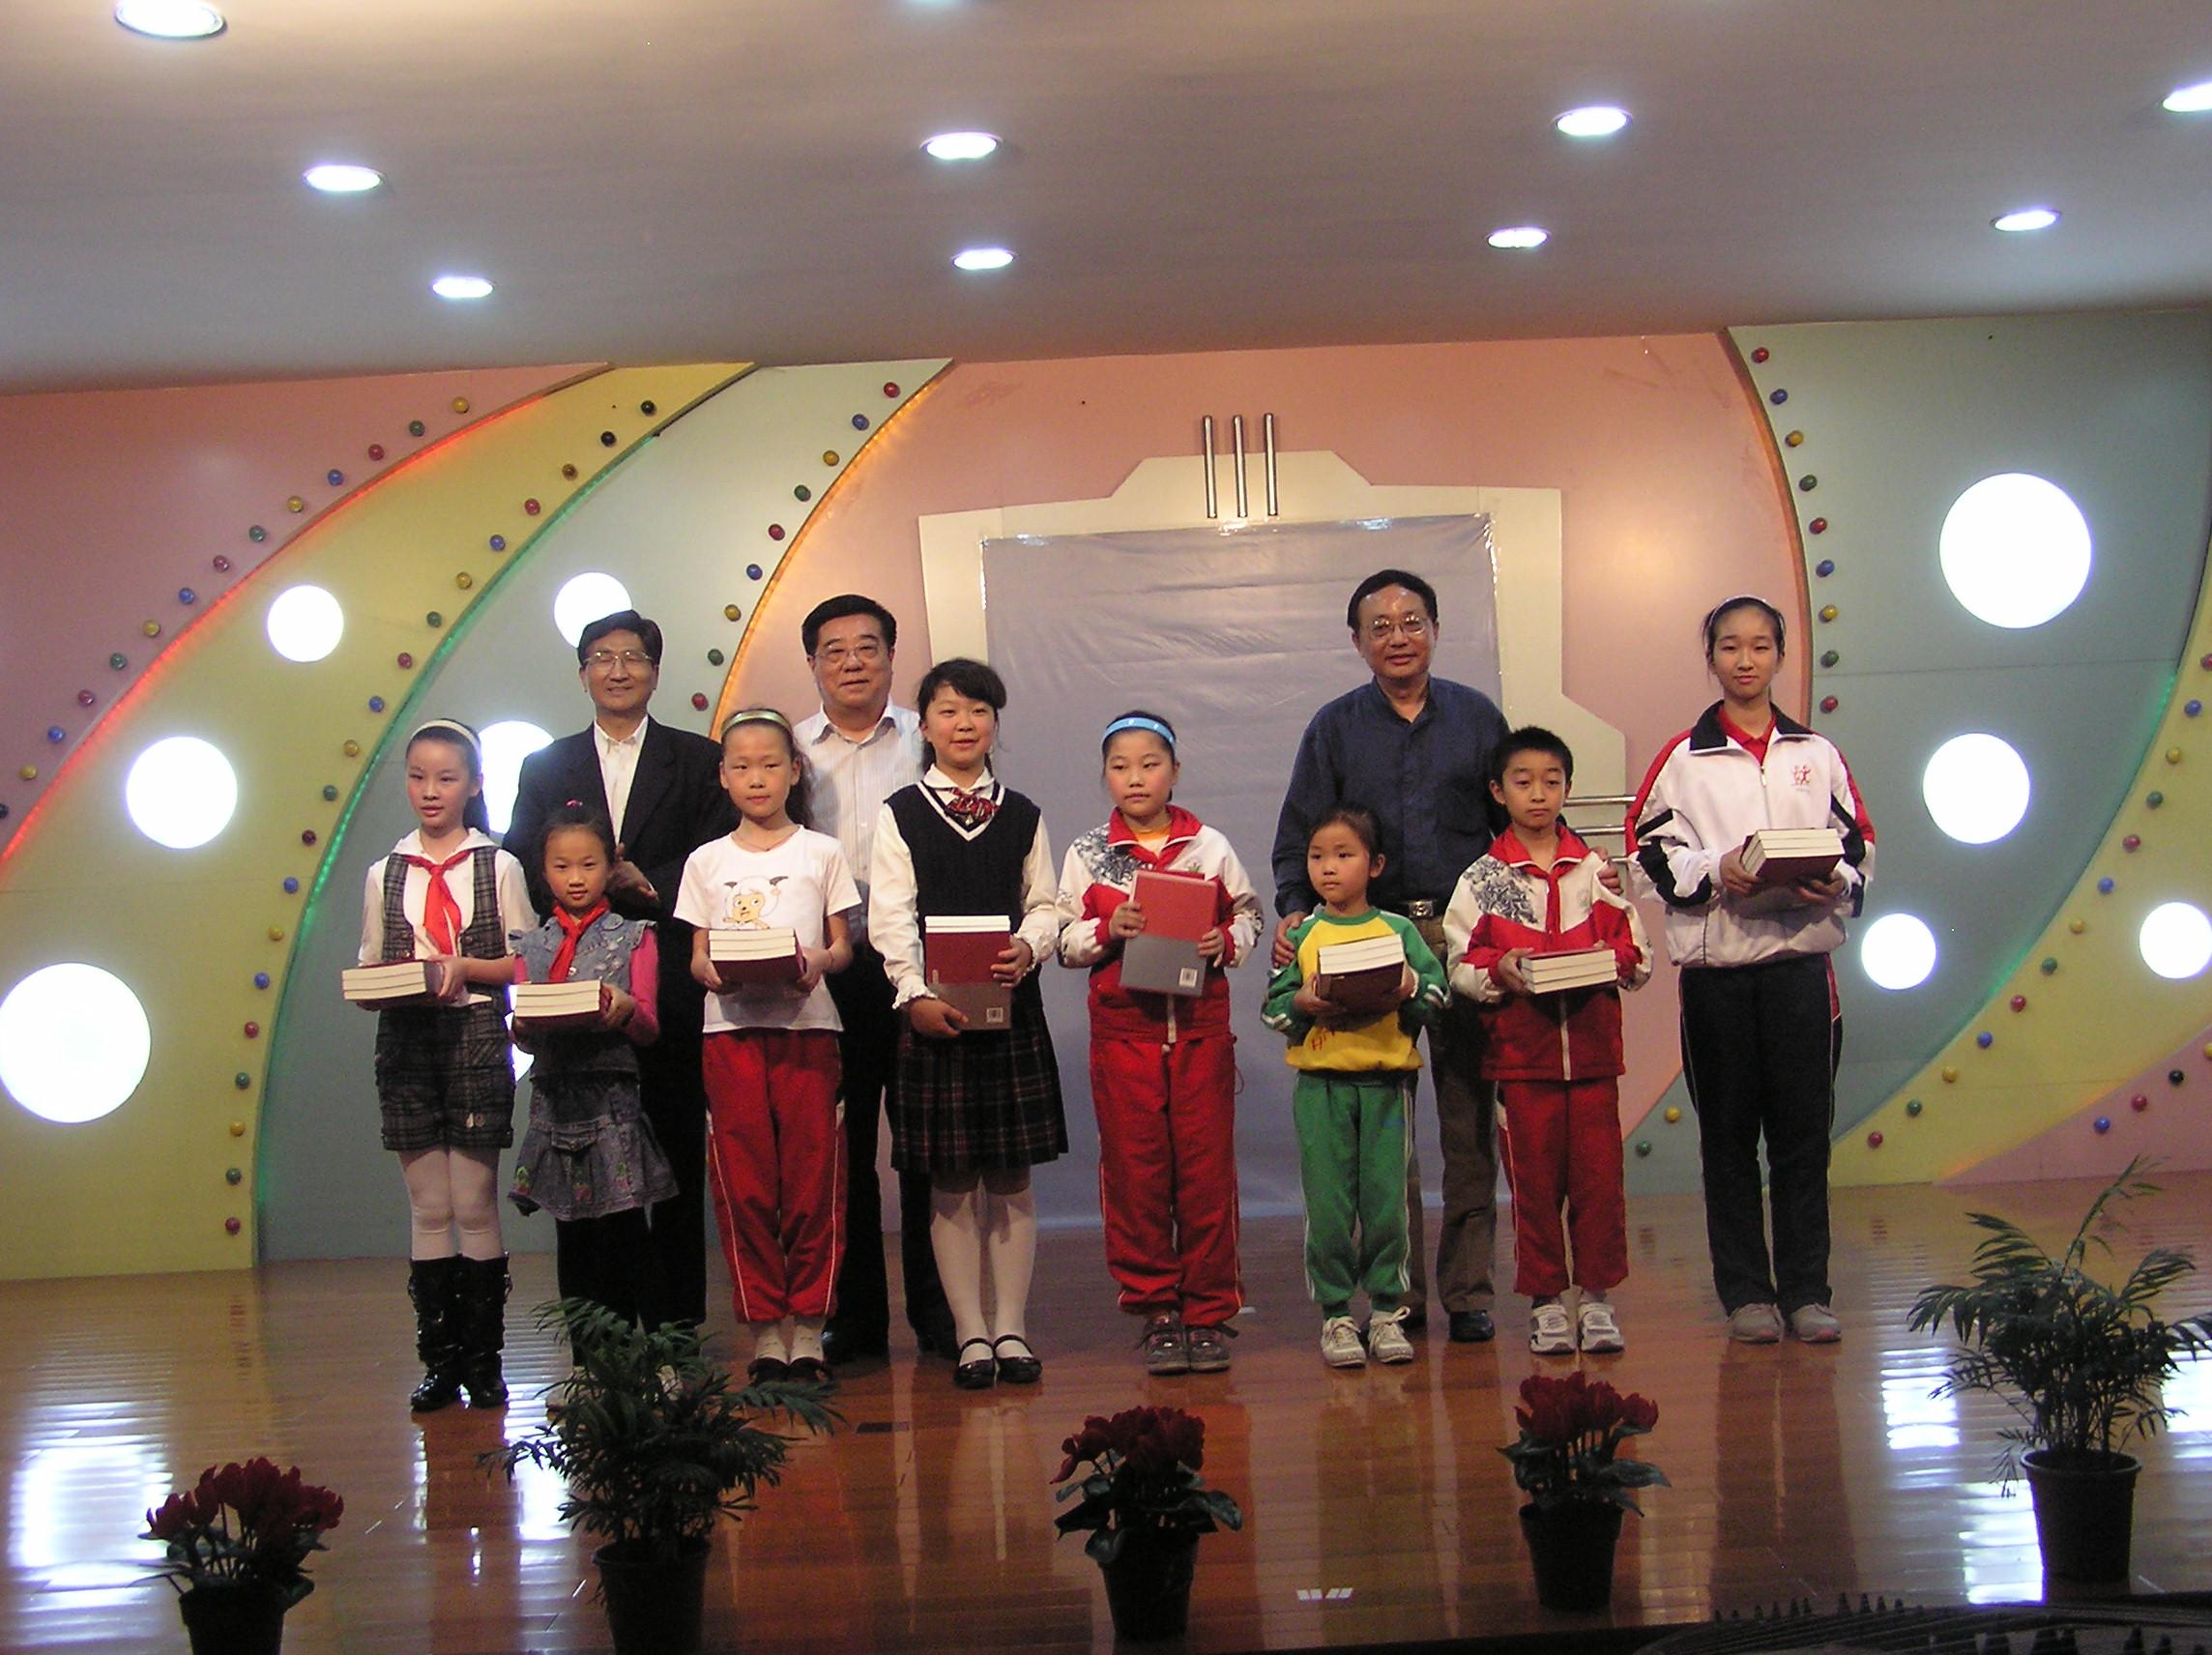 信息发布人:扬州市少年儿童图书馆 发布时间:2010-6-1 9:31:33 浏览次